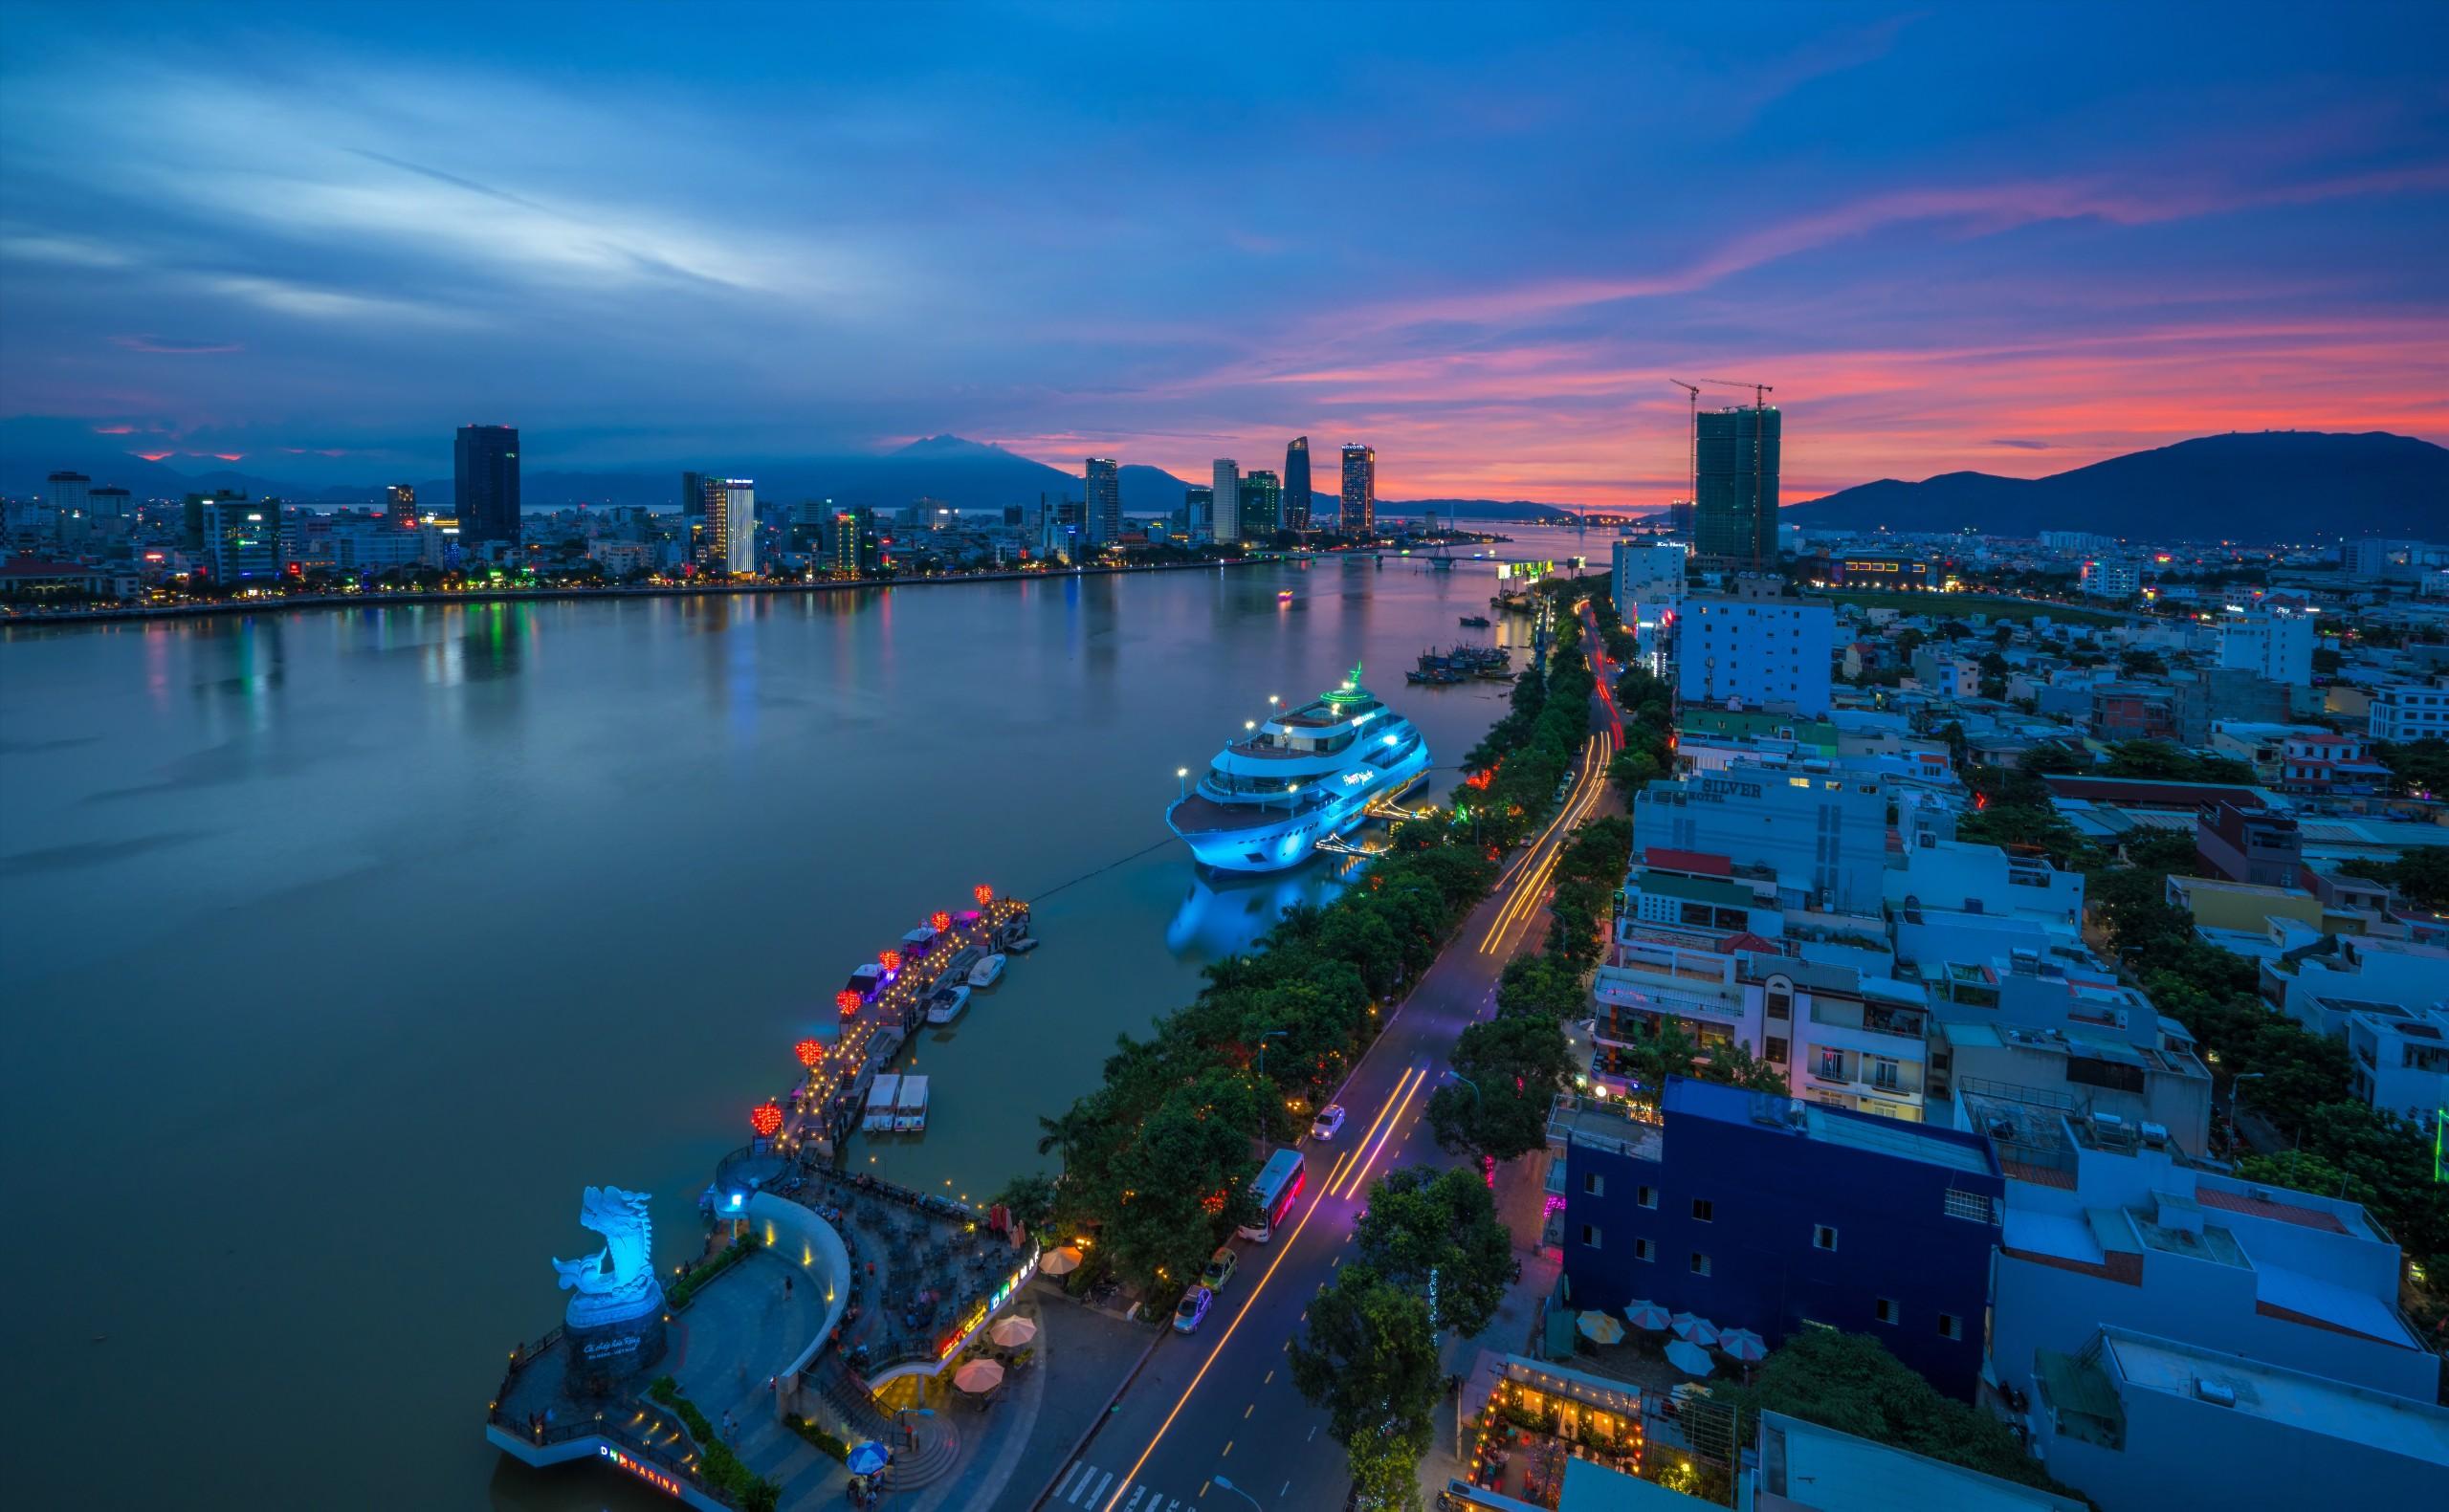 Cận cảnh khu vực ven sông Hàn Đà Nẵng làm phố đi bộ - Ảnh 13.